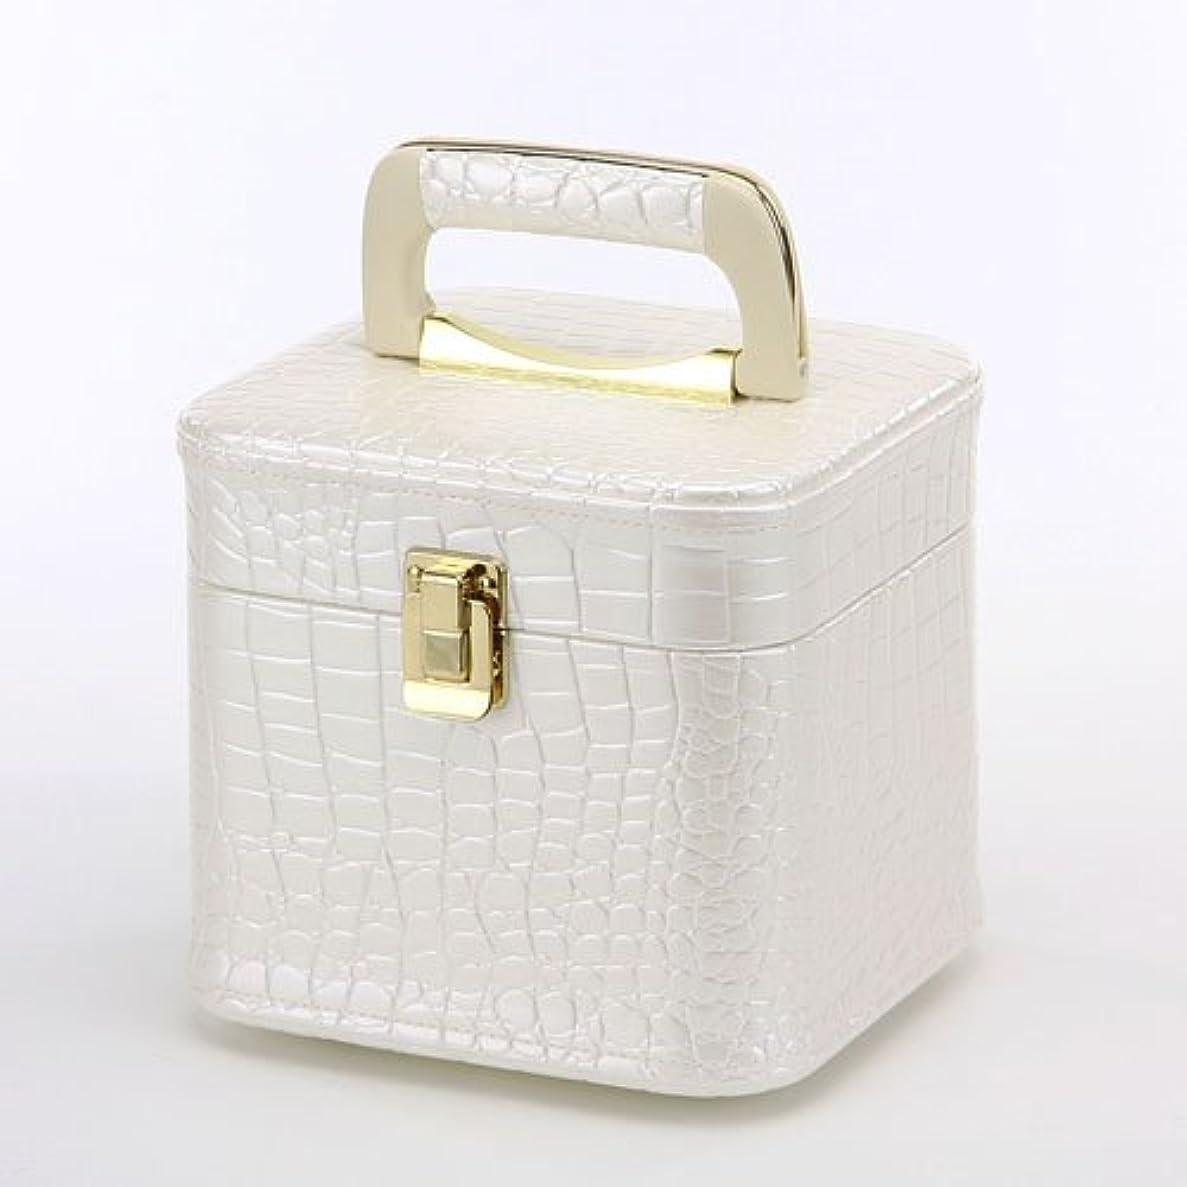 ポジション近く機会日本製 メイクボックス パールホワイト クロコ ミニ (トレンケース クロコダイル風) (コスメボックス)